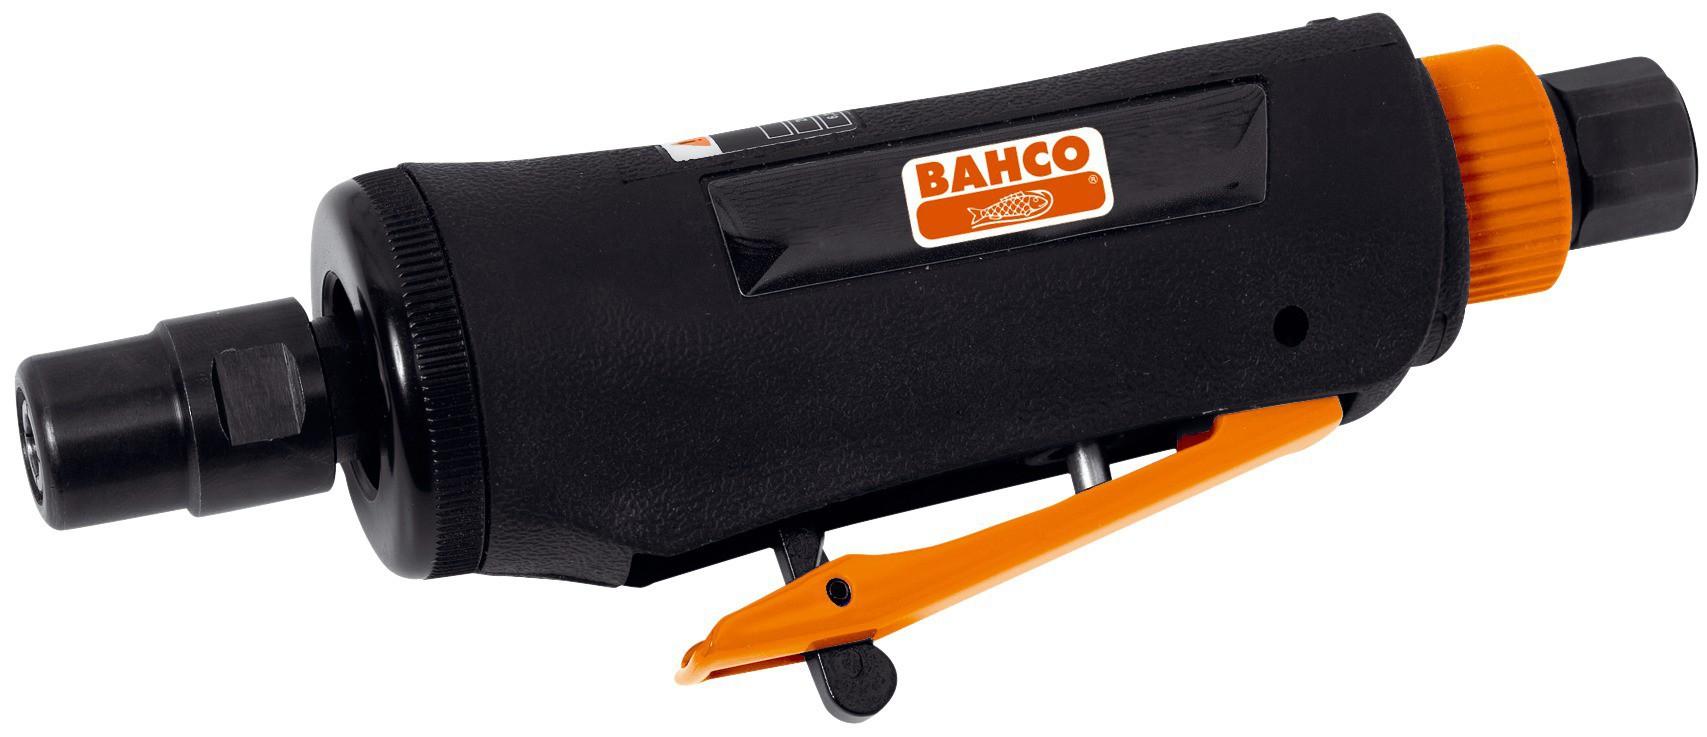 Szlifierka pneumatyczna prosta trzon 6 mm Bahco (nt kat. BP822)